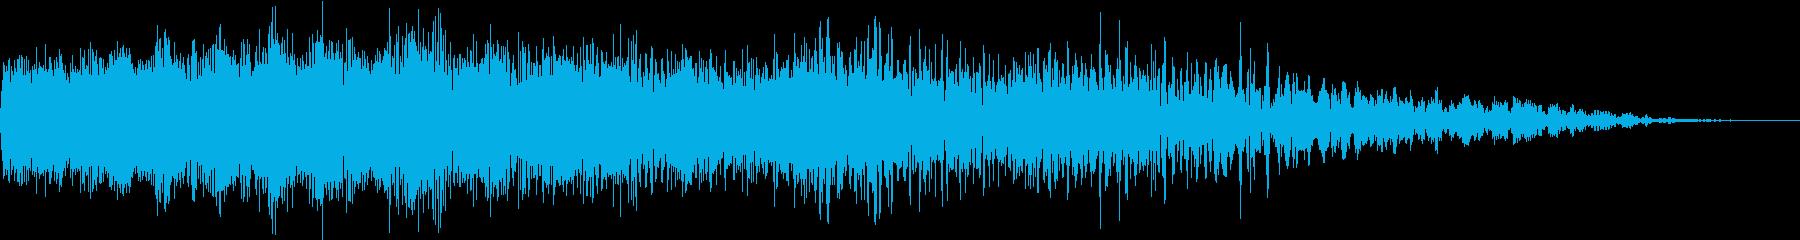 機械ダウン、壊れるA06の再生済みの波形